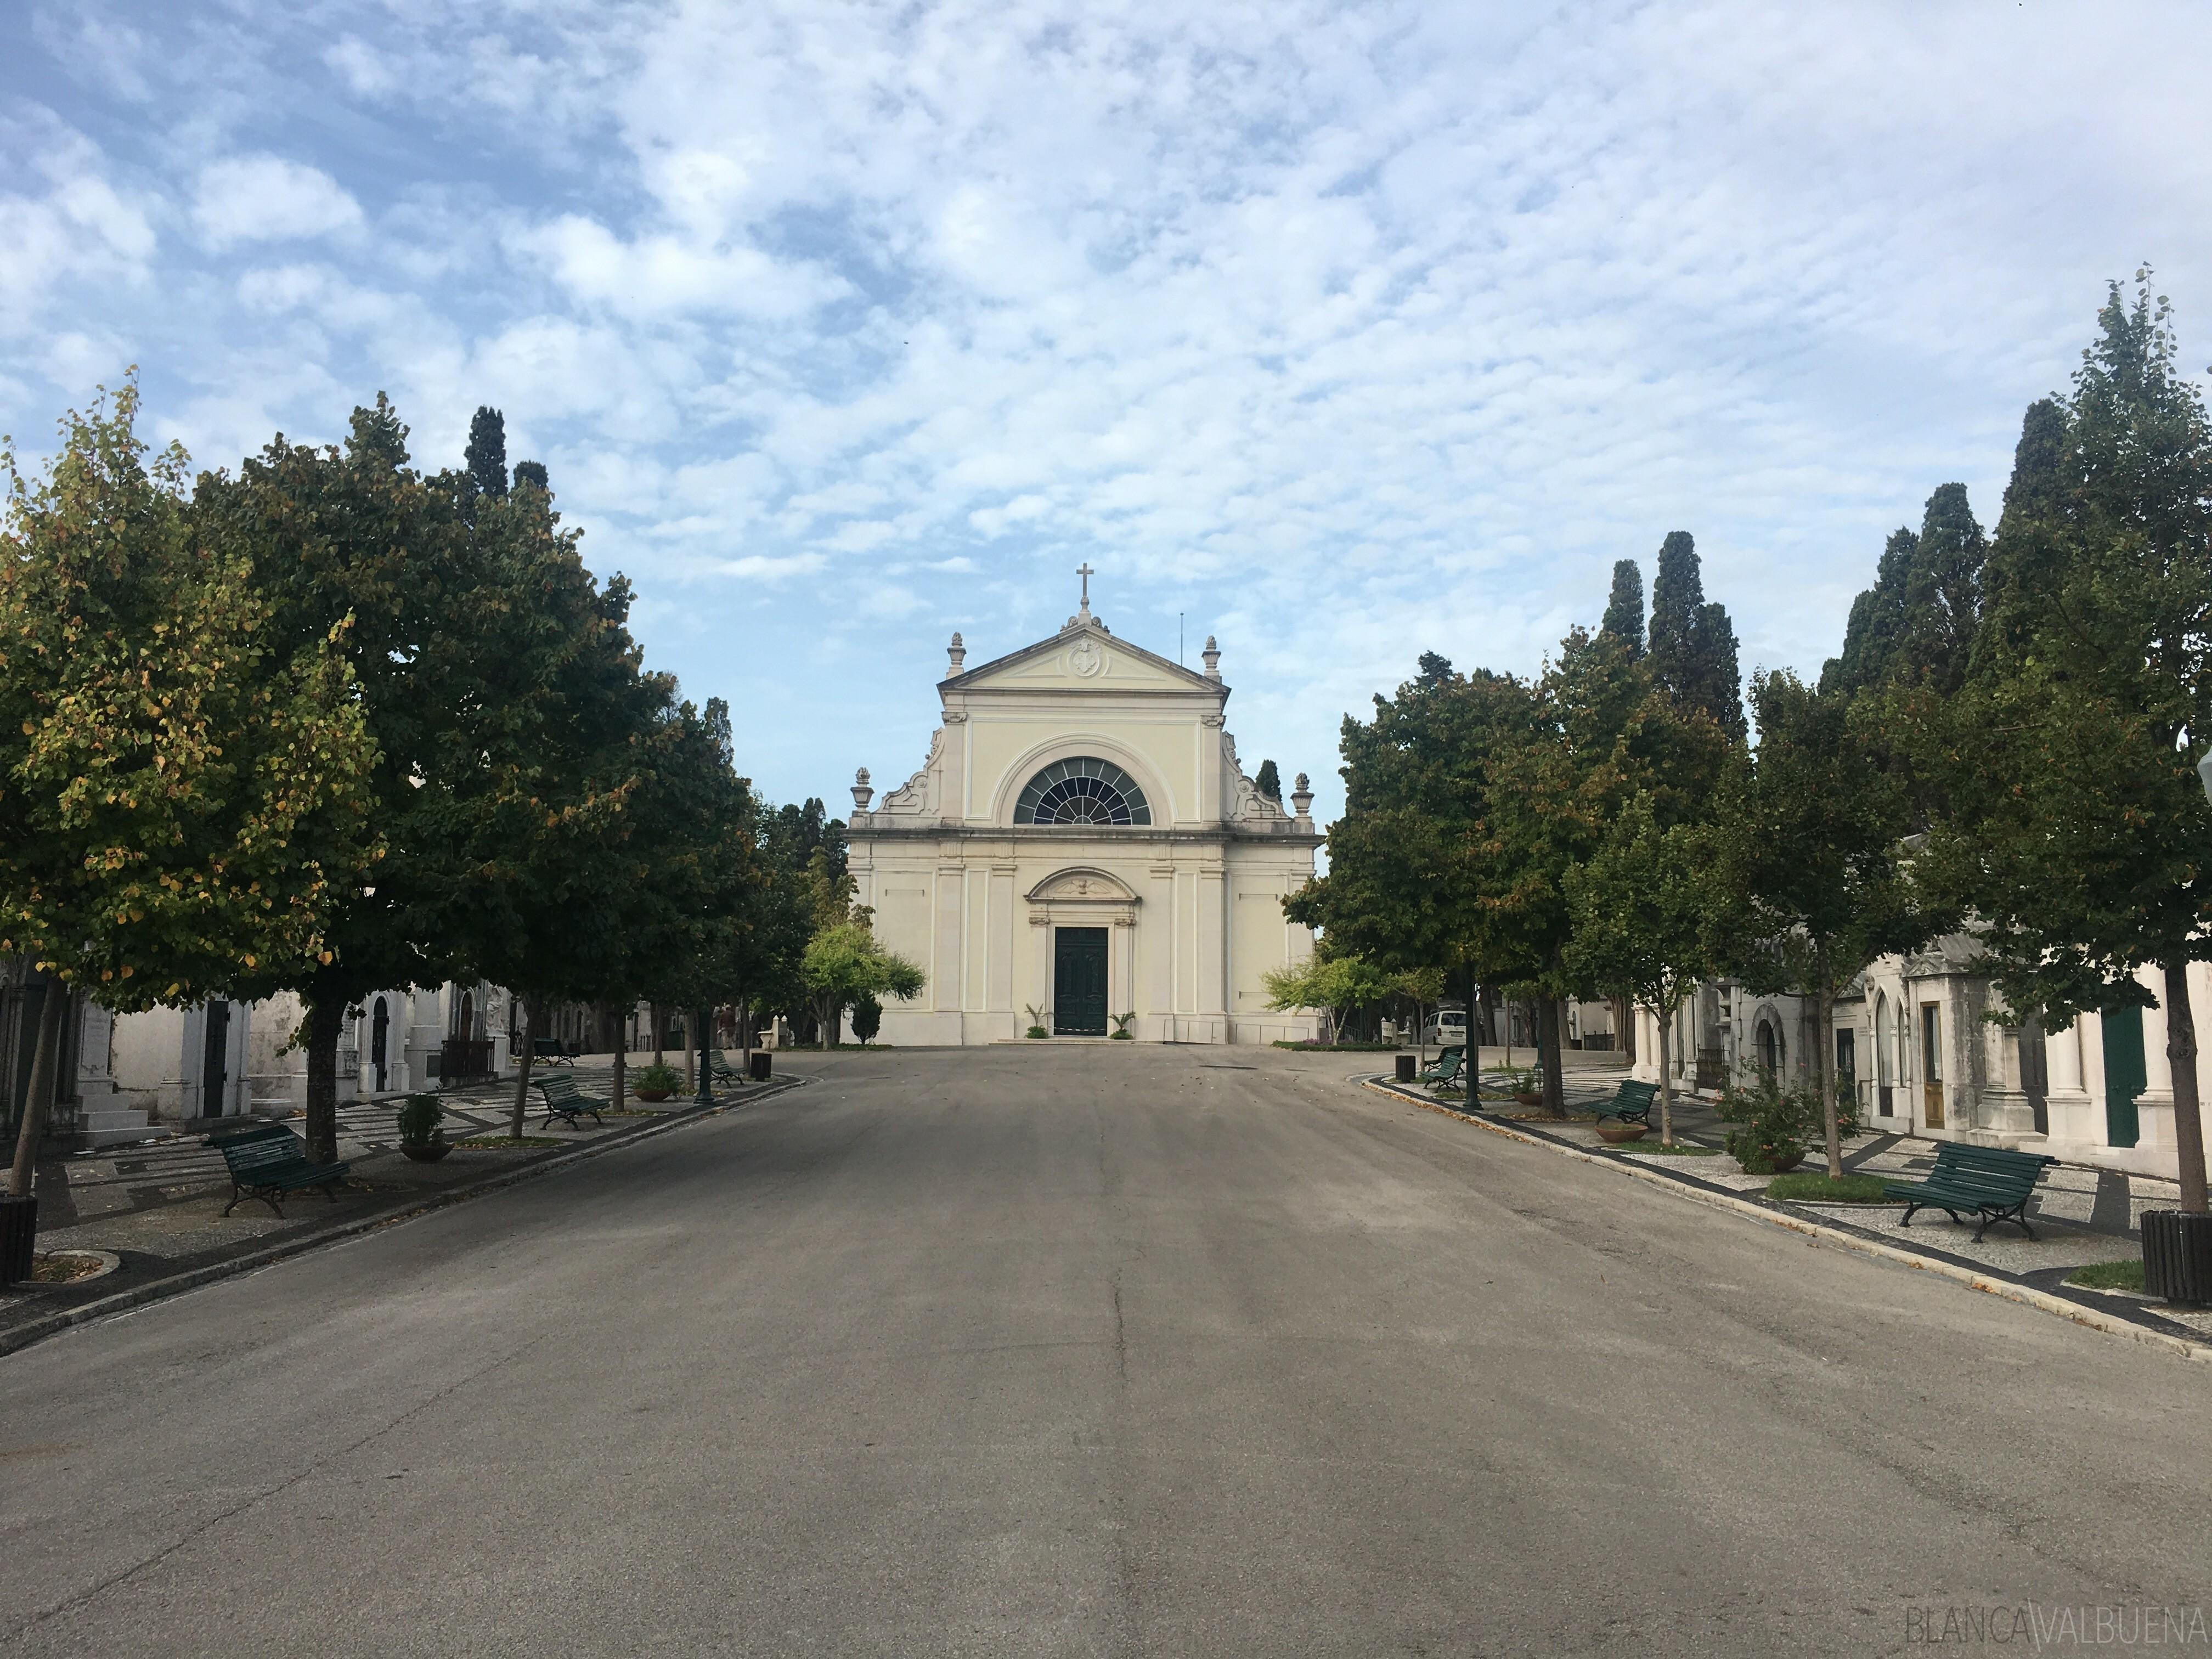 Prazeres ist der größte Friedhof in Lissabon